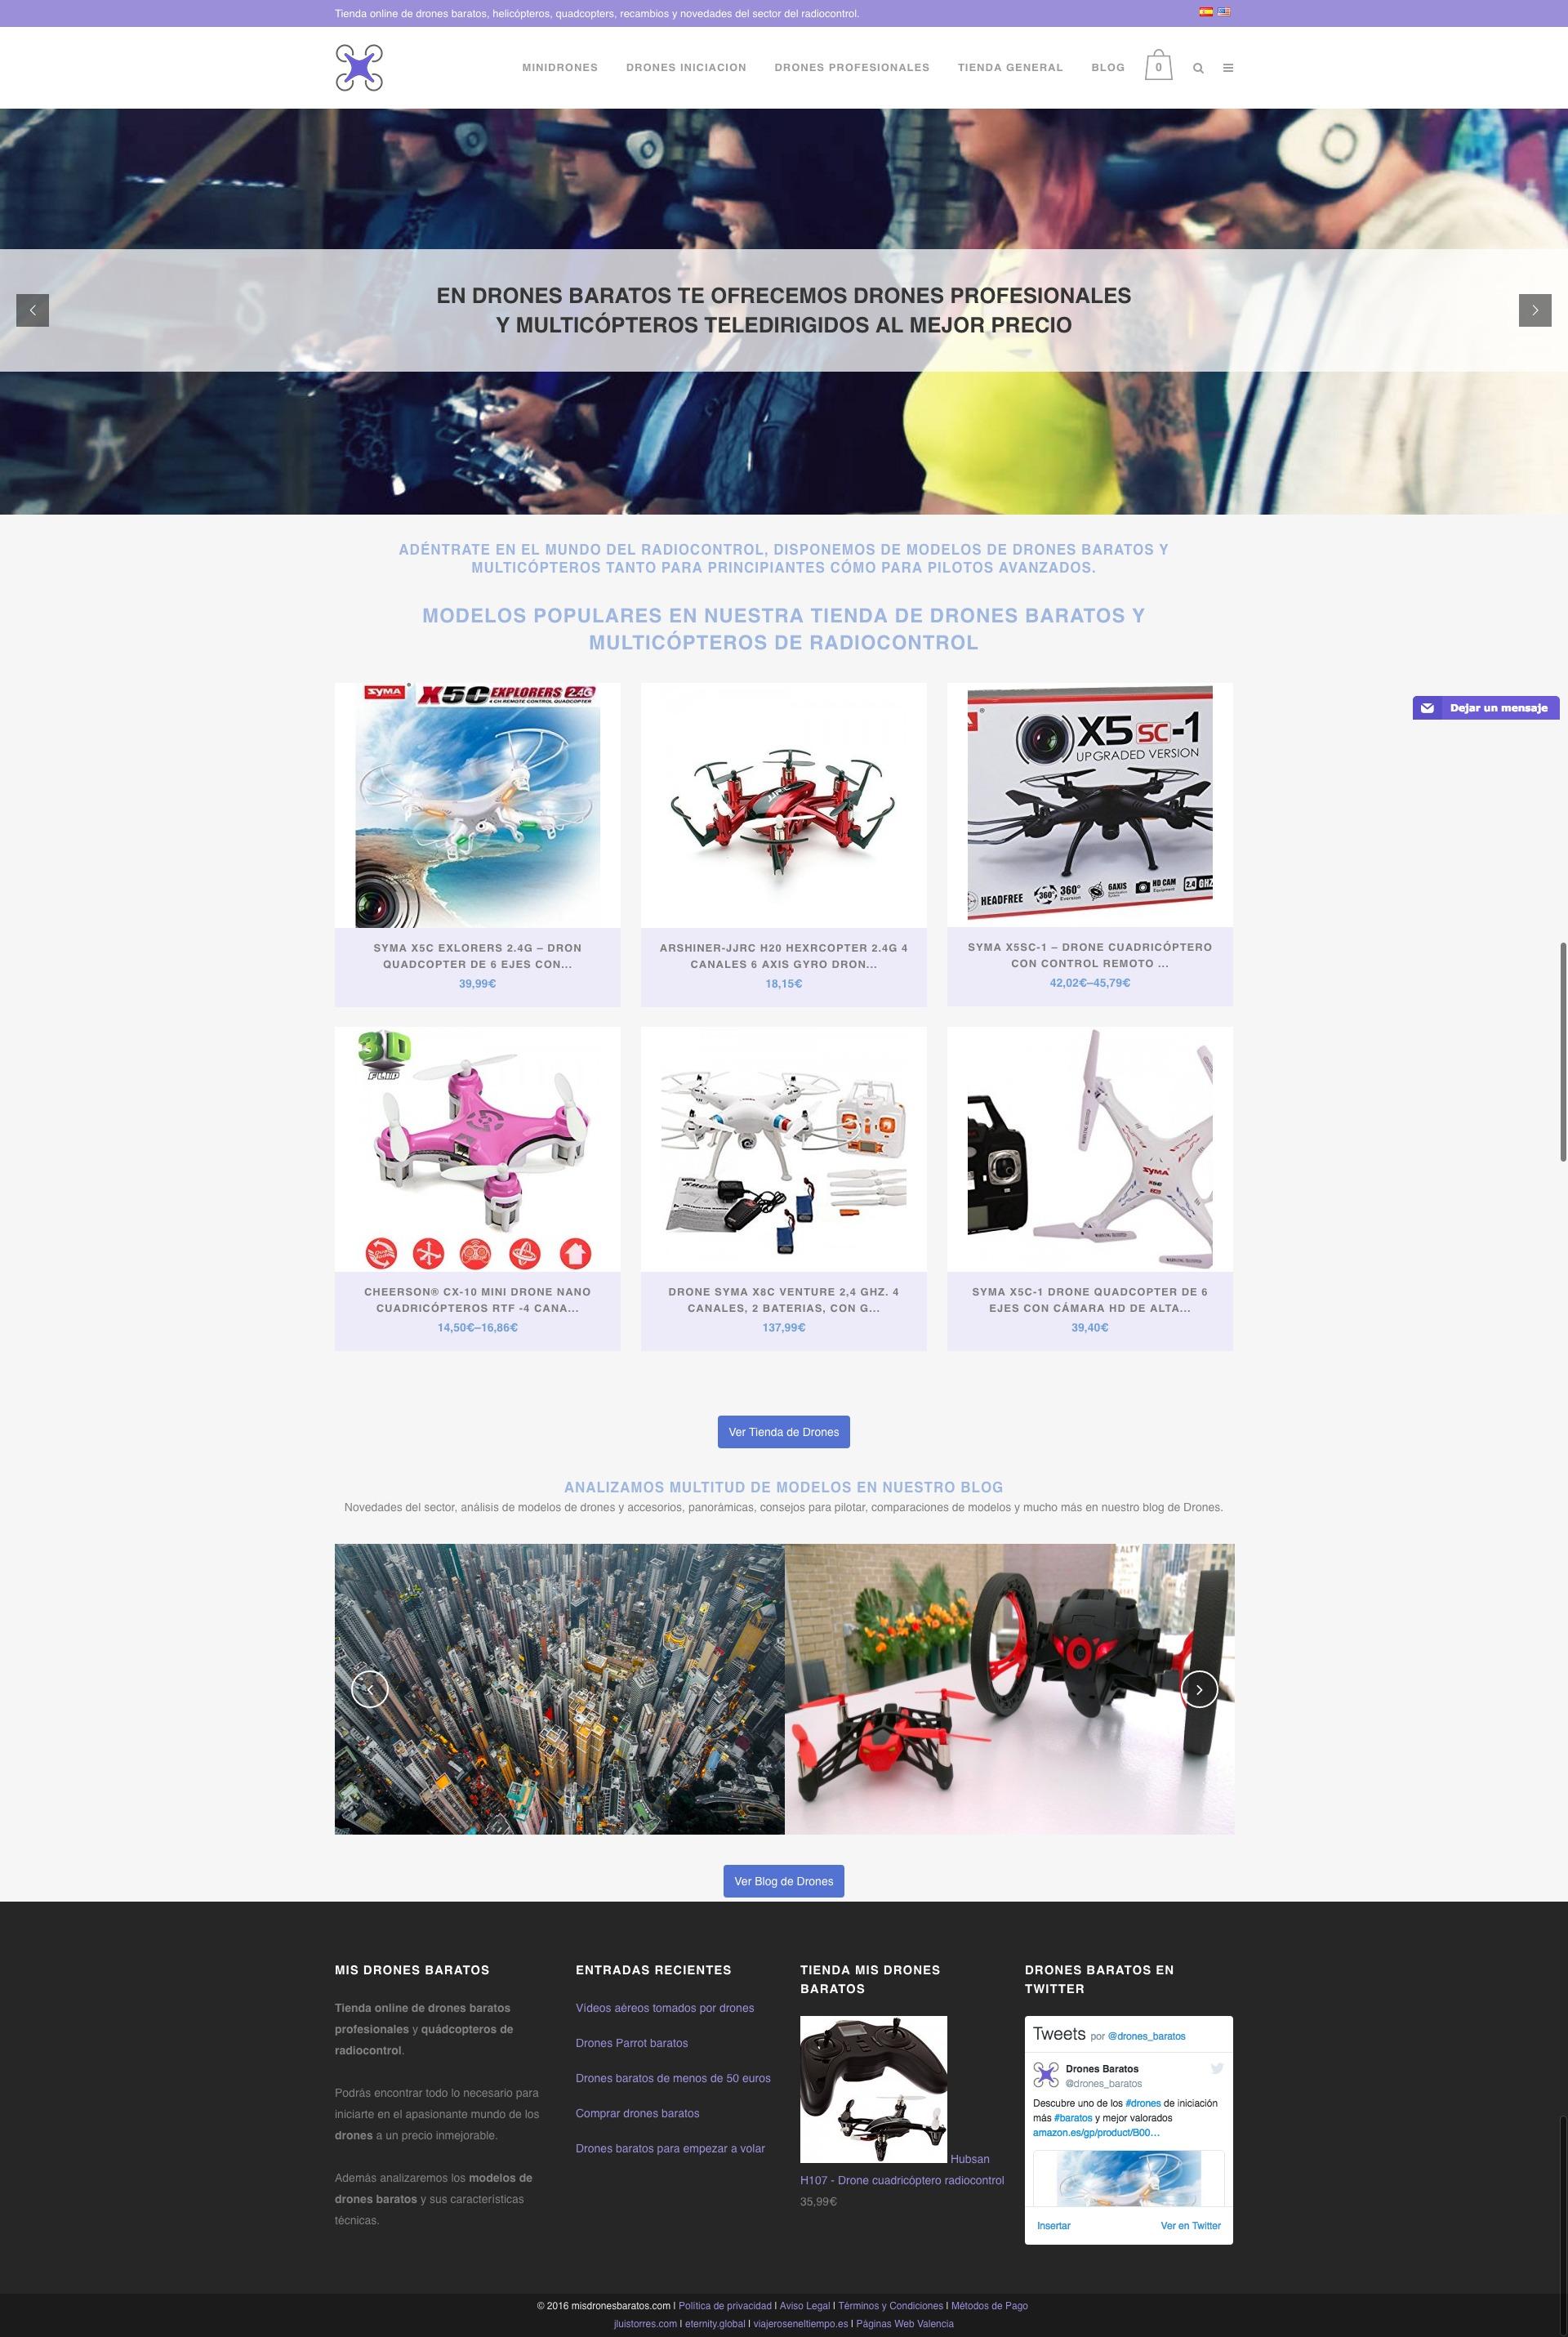 diseno-tienda-online-mis-drones-baratos-disenador-freelance-valencia-jose-luis-torres